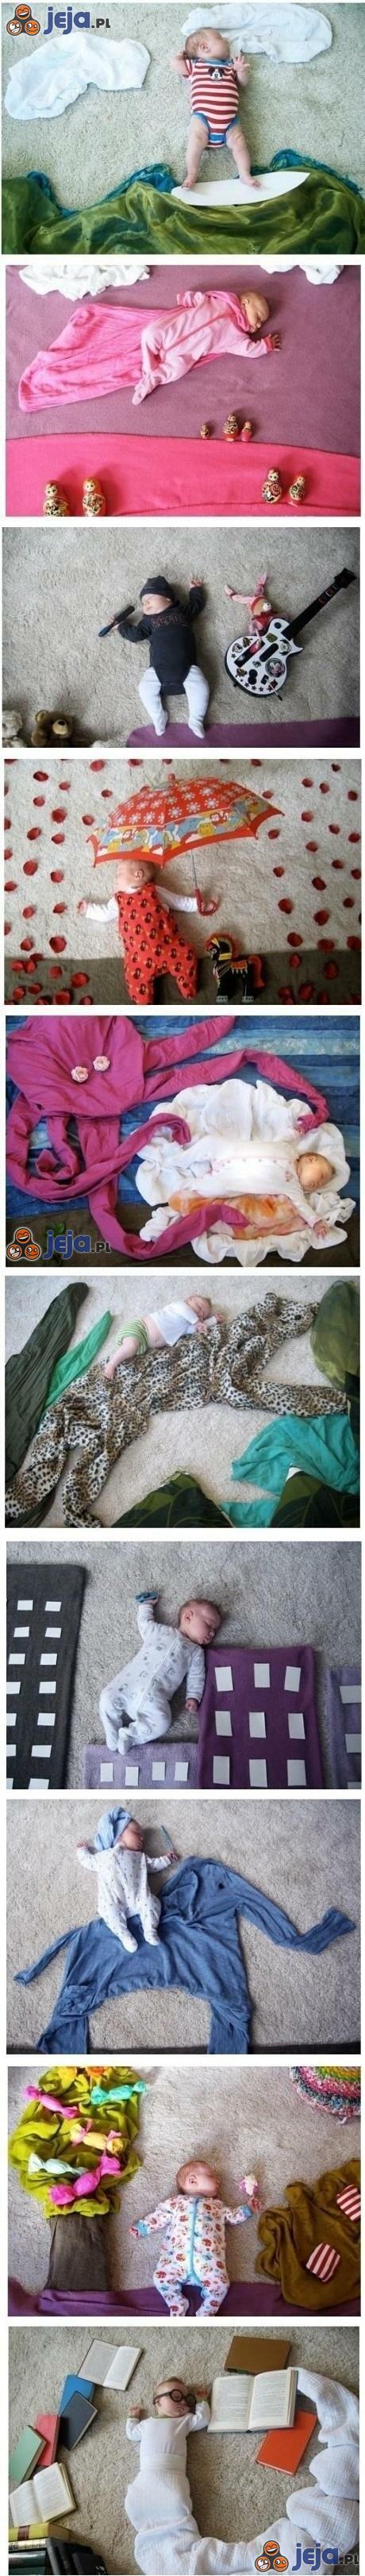 Kreatywne zdjęcia, gdy sam model twardo śpi